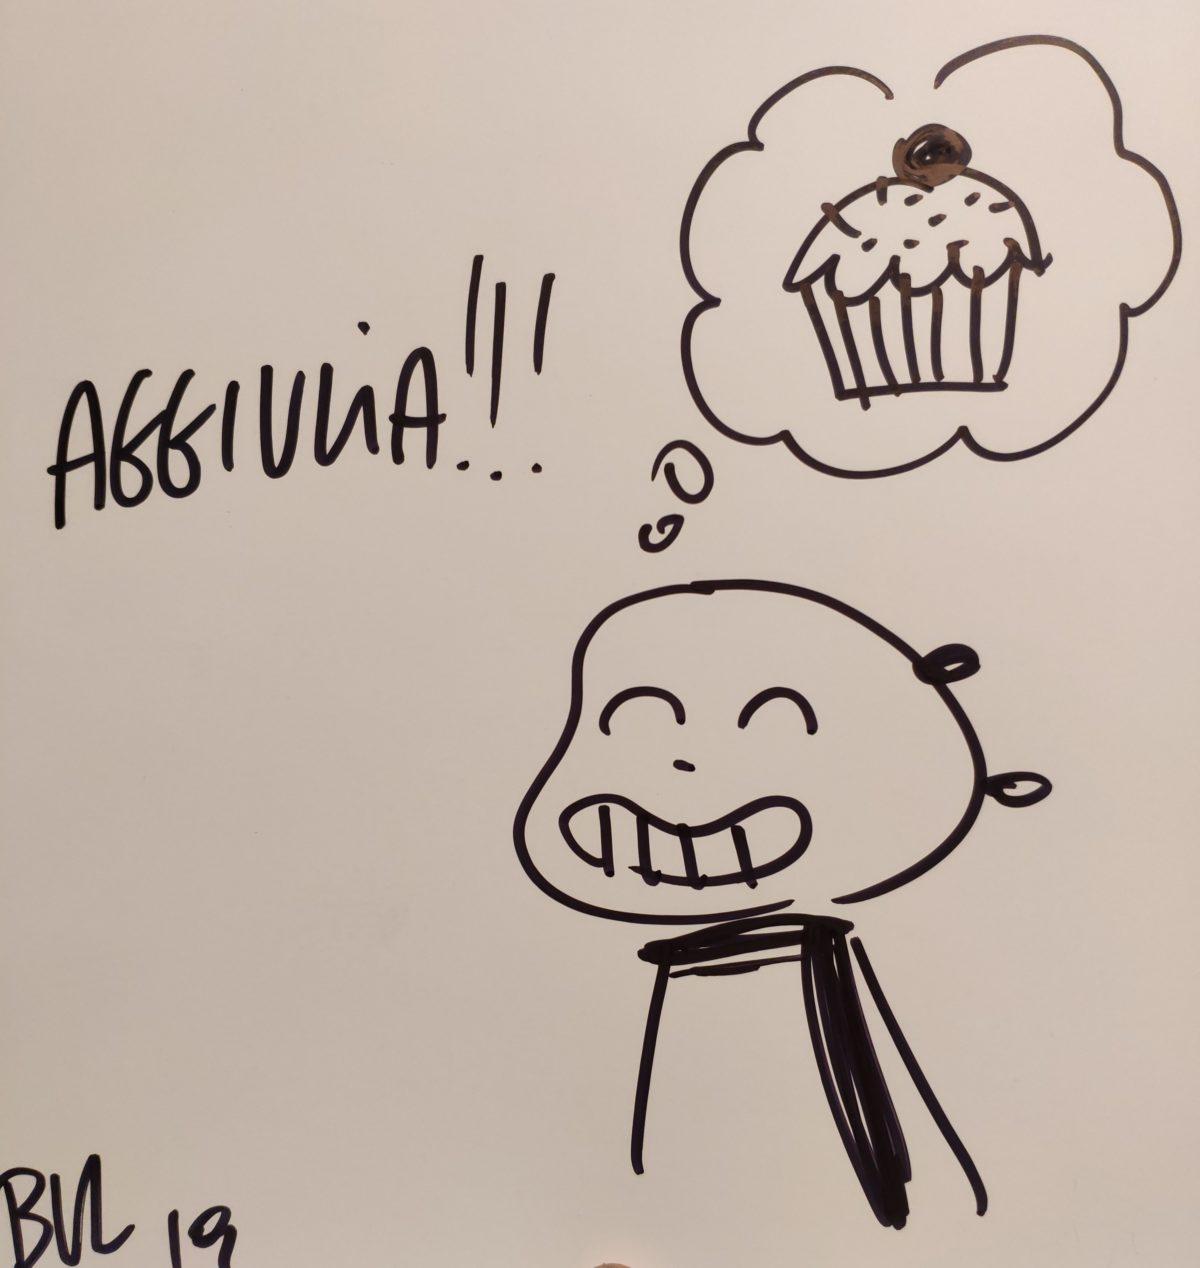 Mio caro fumetto... - Sketch di Giacomo Bevilacqua ottenuto all'ARF! 2019